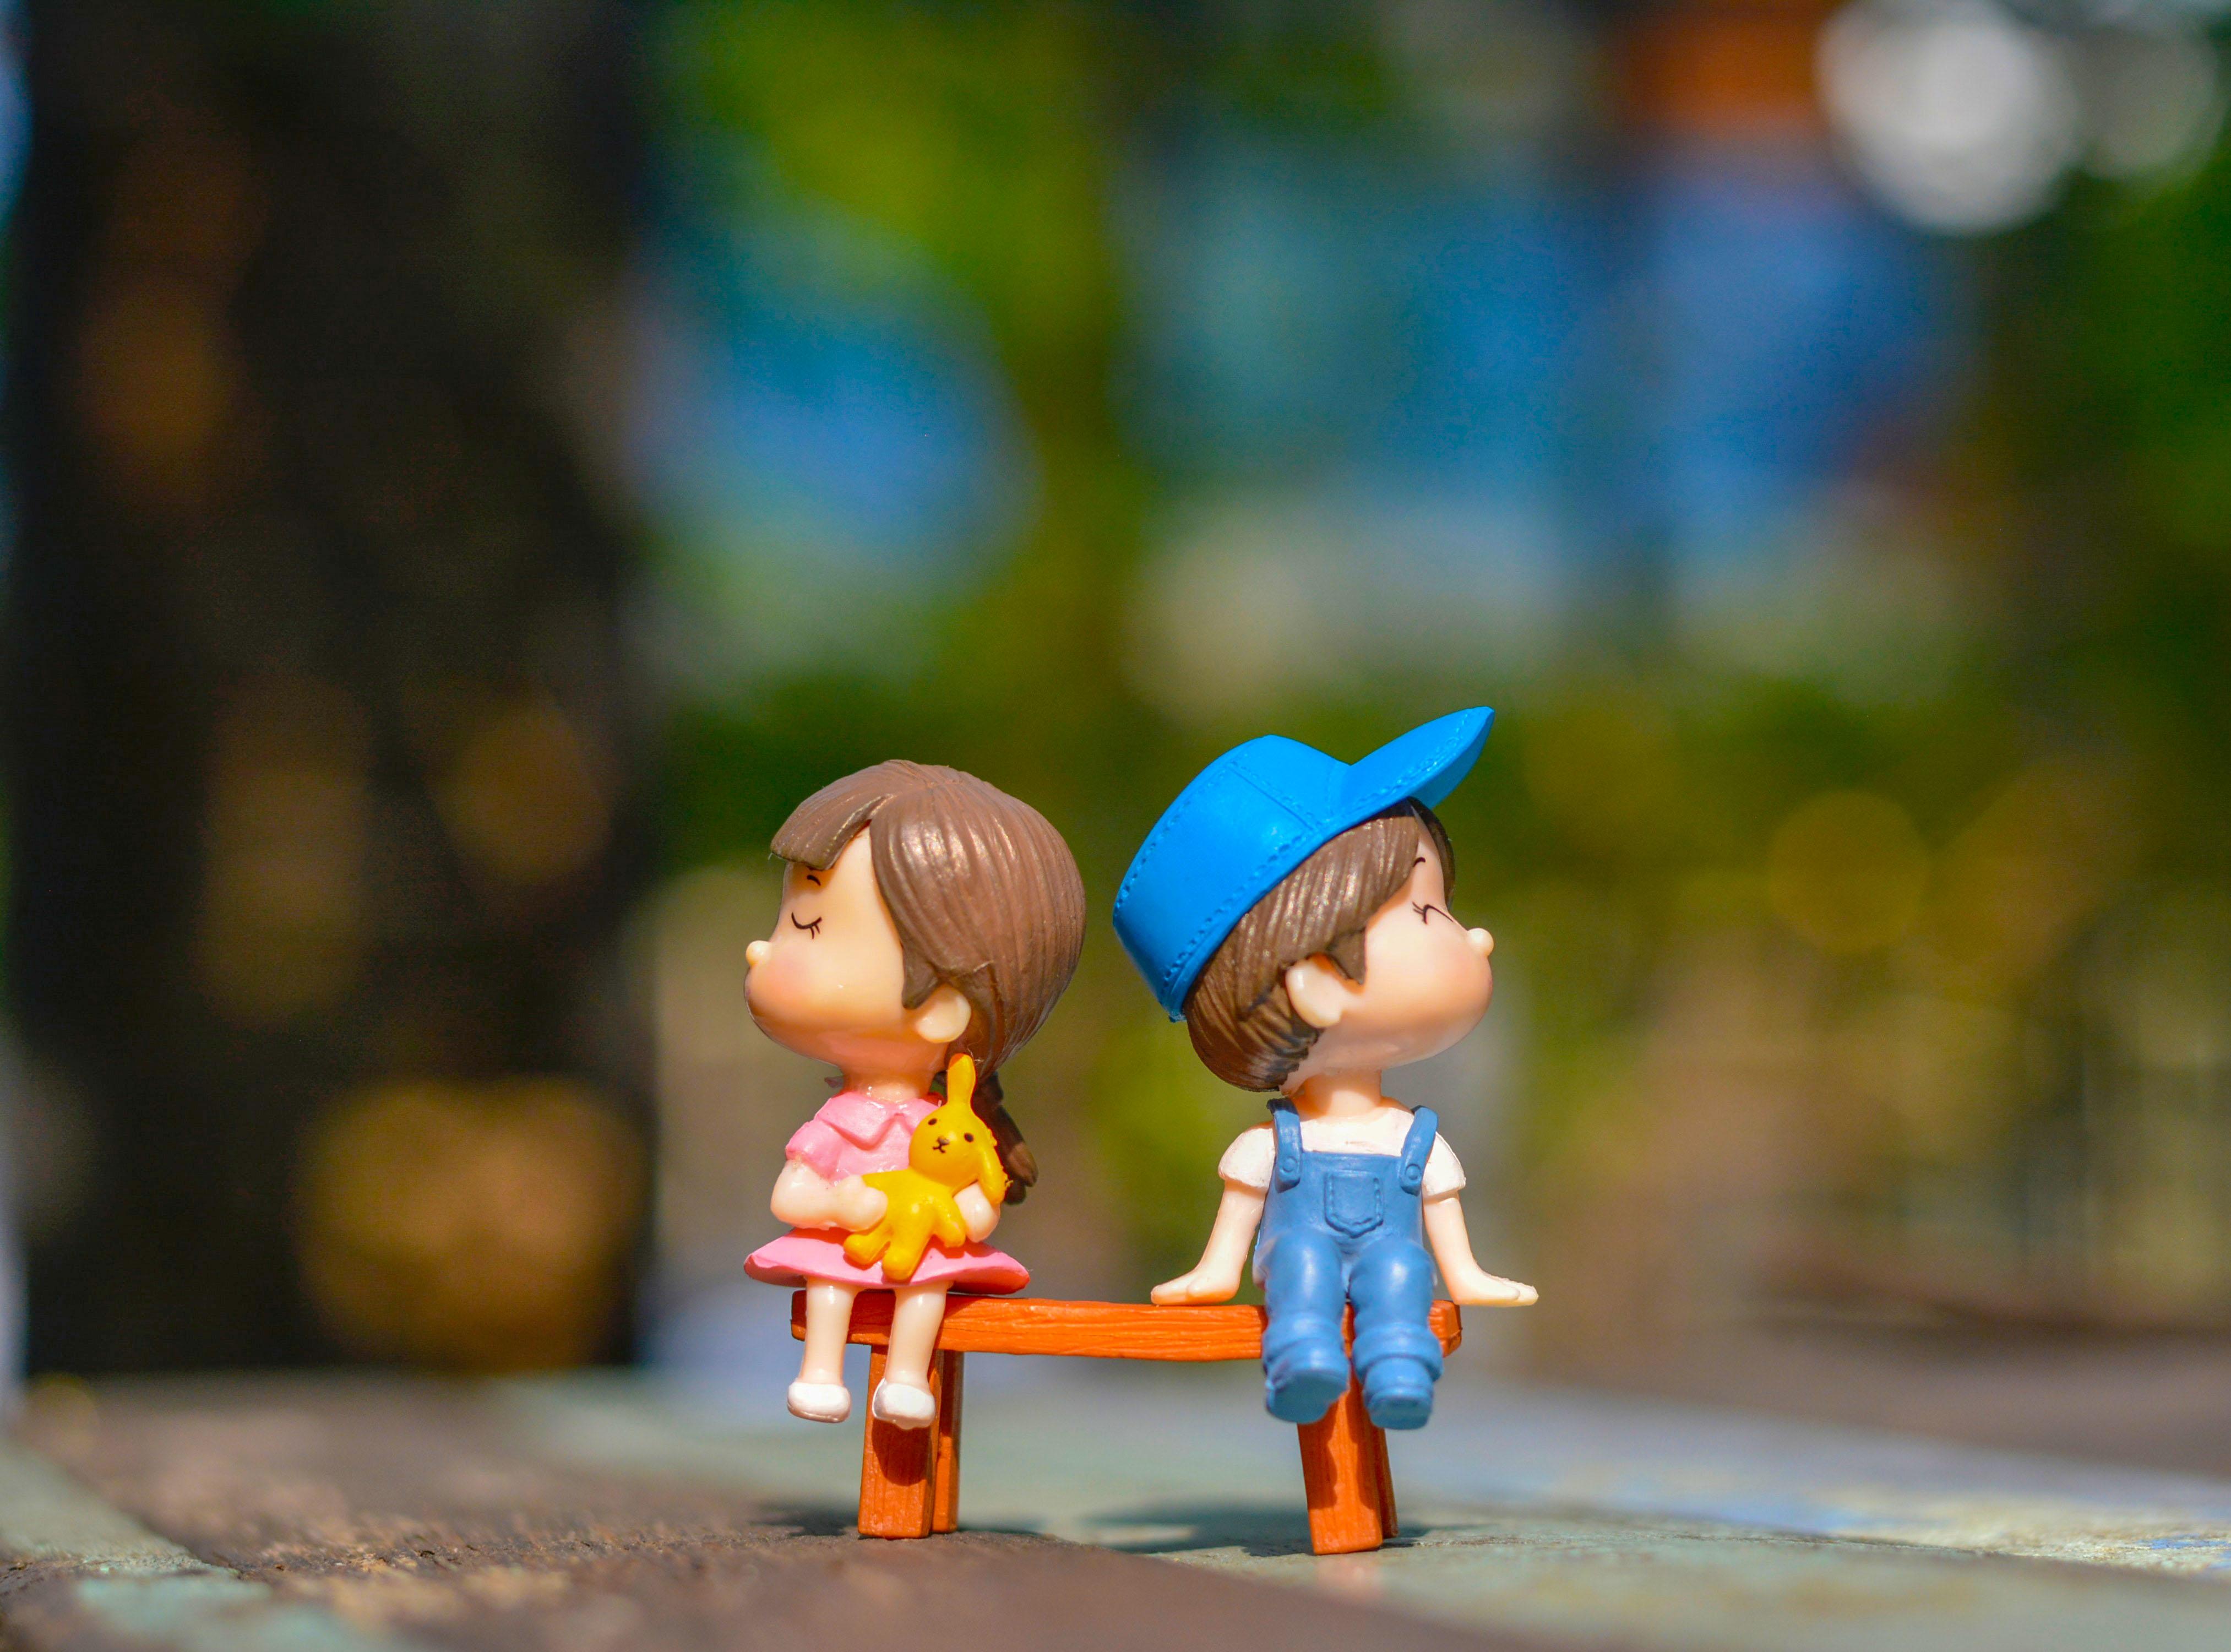 3840x2160 Cute Kid Couple Toy 4k 4K Wallpaper, HD Artist ...